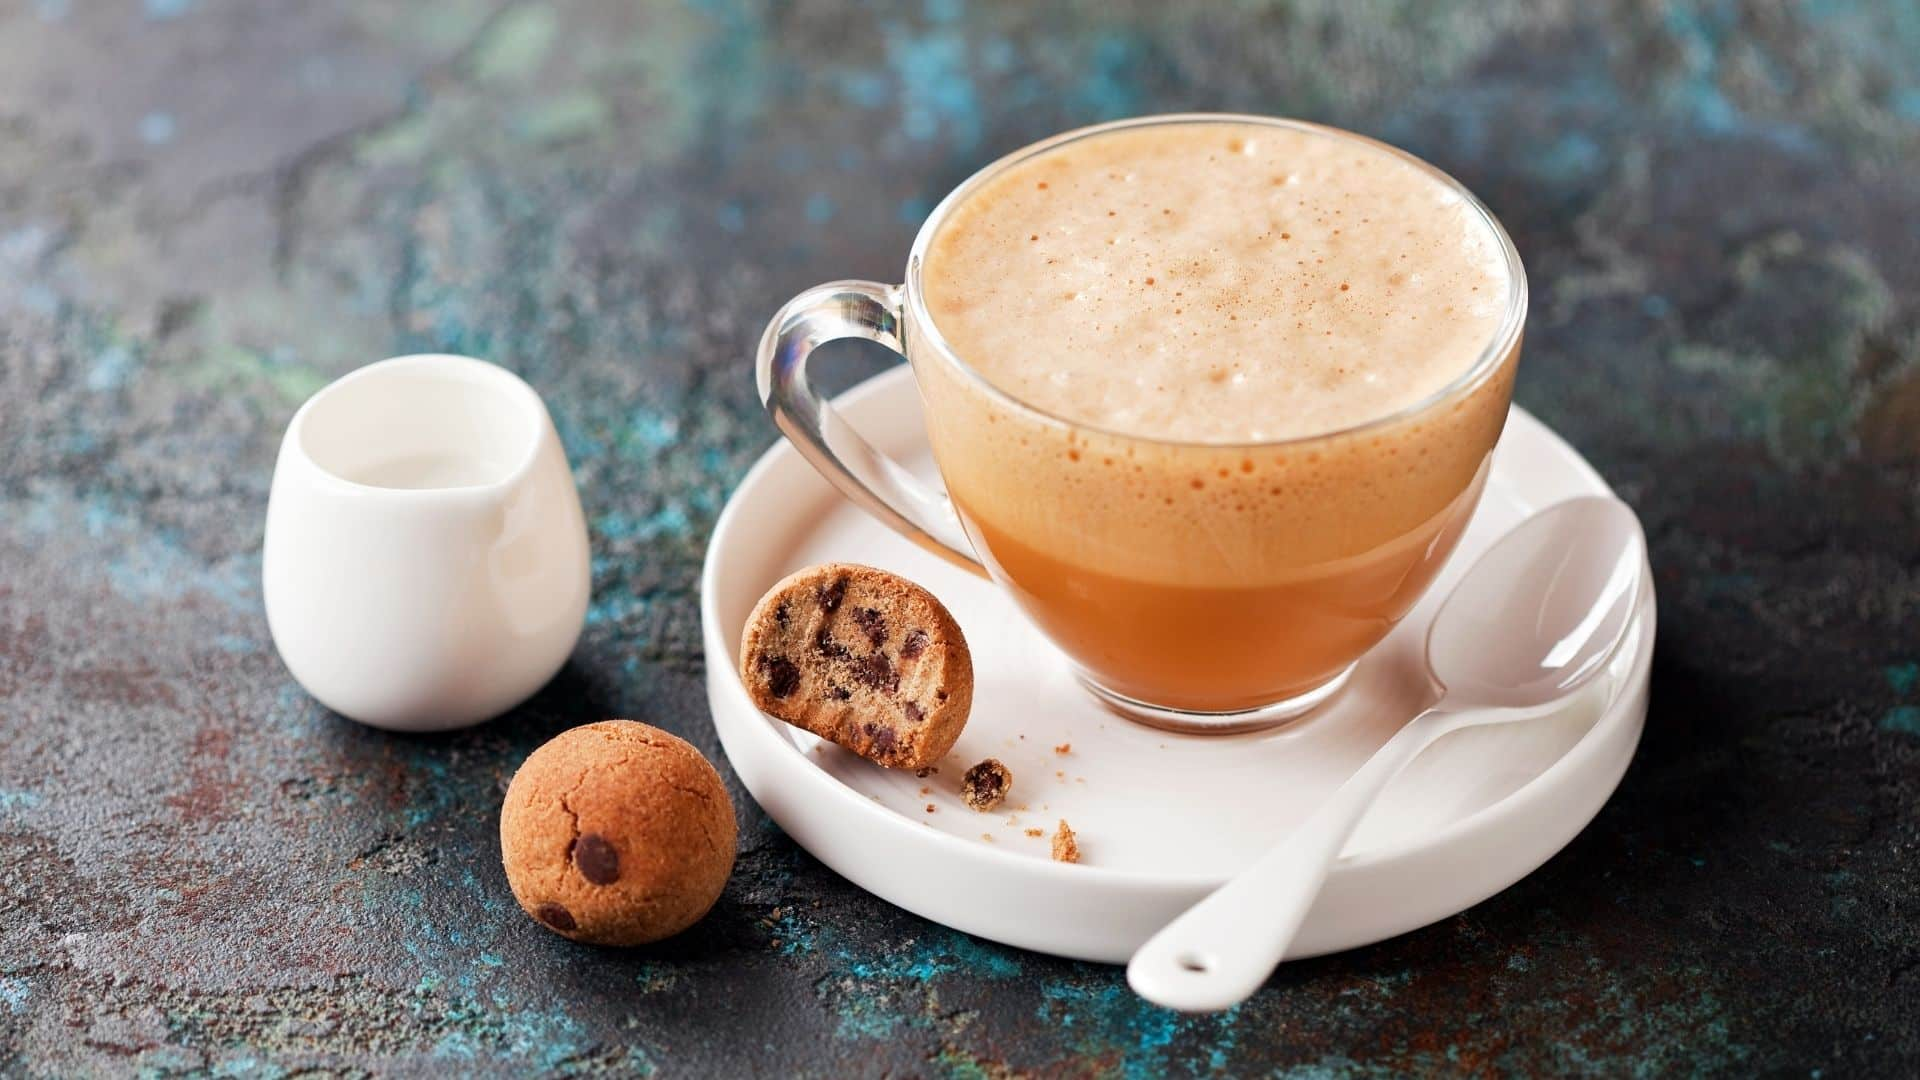 Pörkölt cikória gyökéres kávé lehet a válasz, amelyet keres, ha el kell hagynia a kávét, és egy italra van szüksége, amely valamivel robusztusabb, mint a tea. Mindezt megteheti cikória kávé házilag elkészíti.